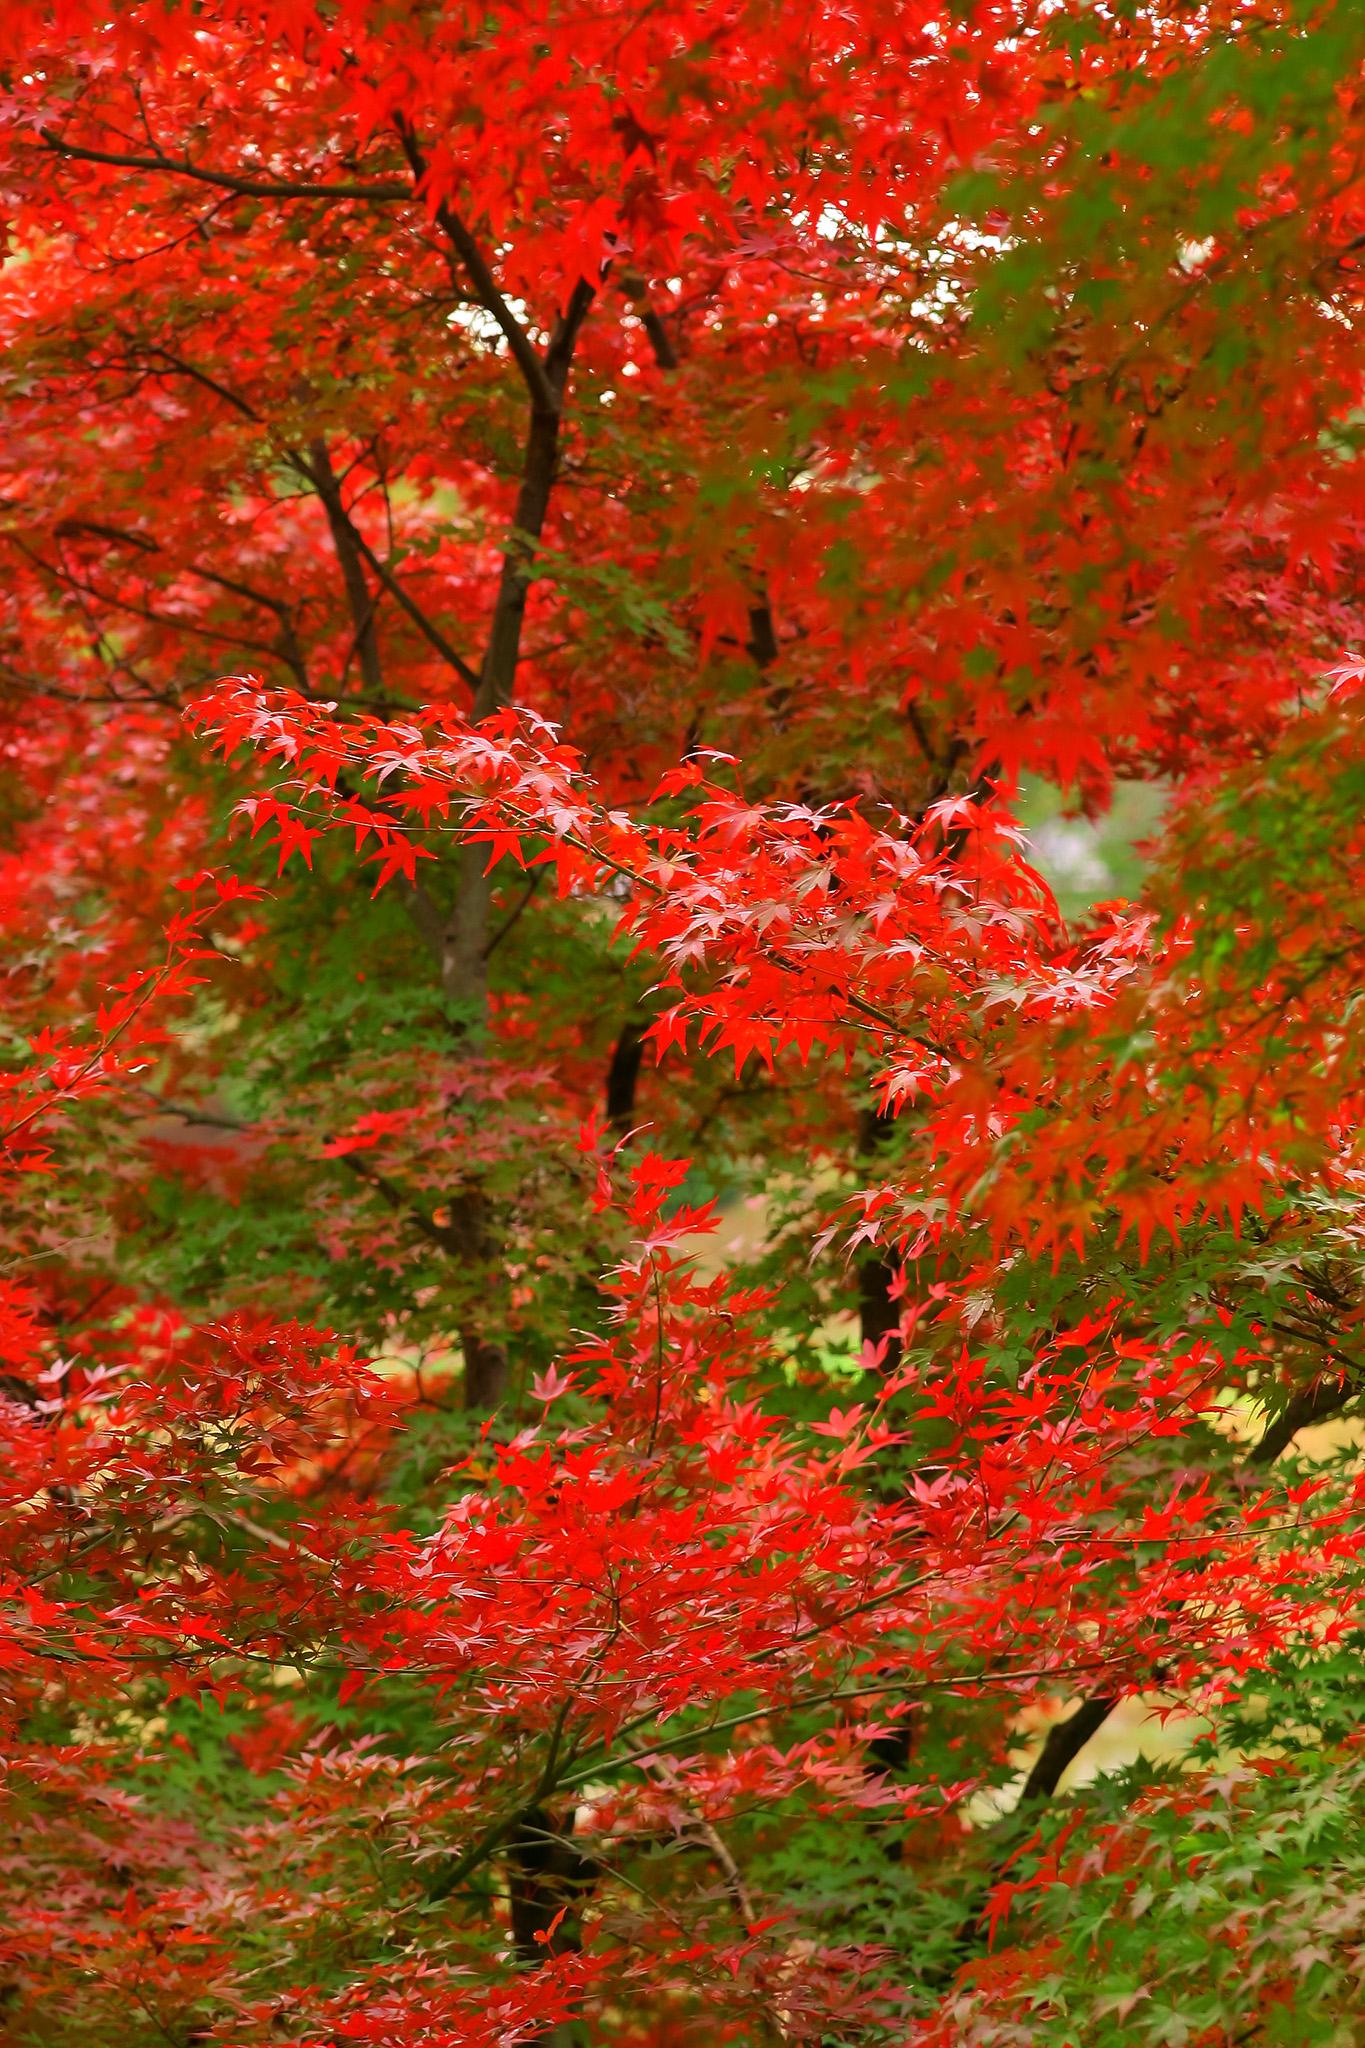 「紅葉と青葉のコラボレーション」の画像を無料ダウンロード